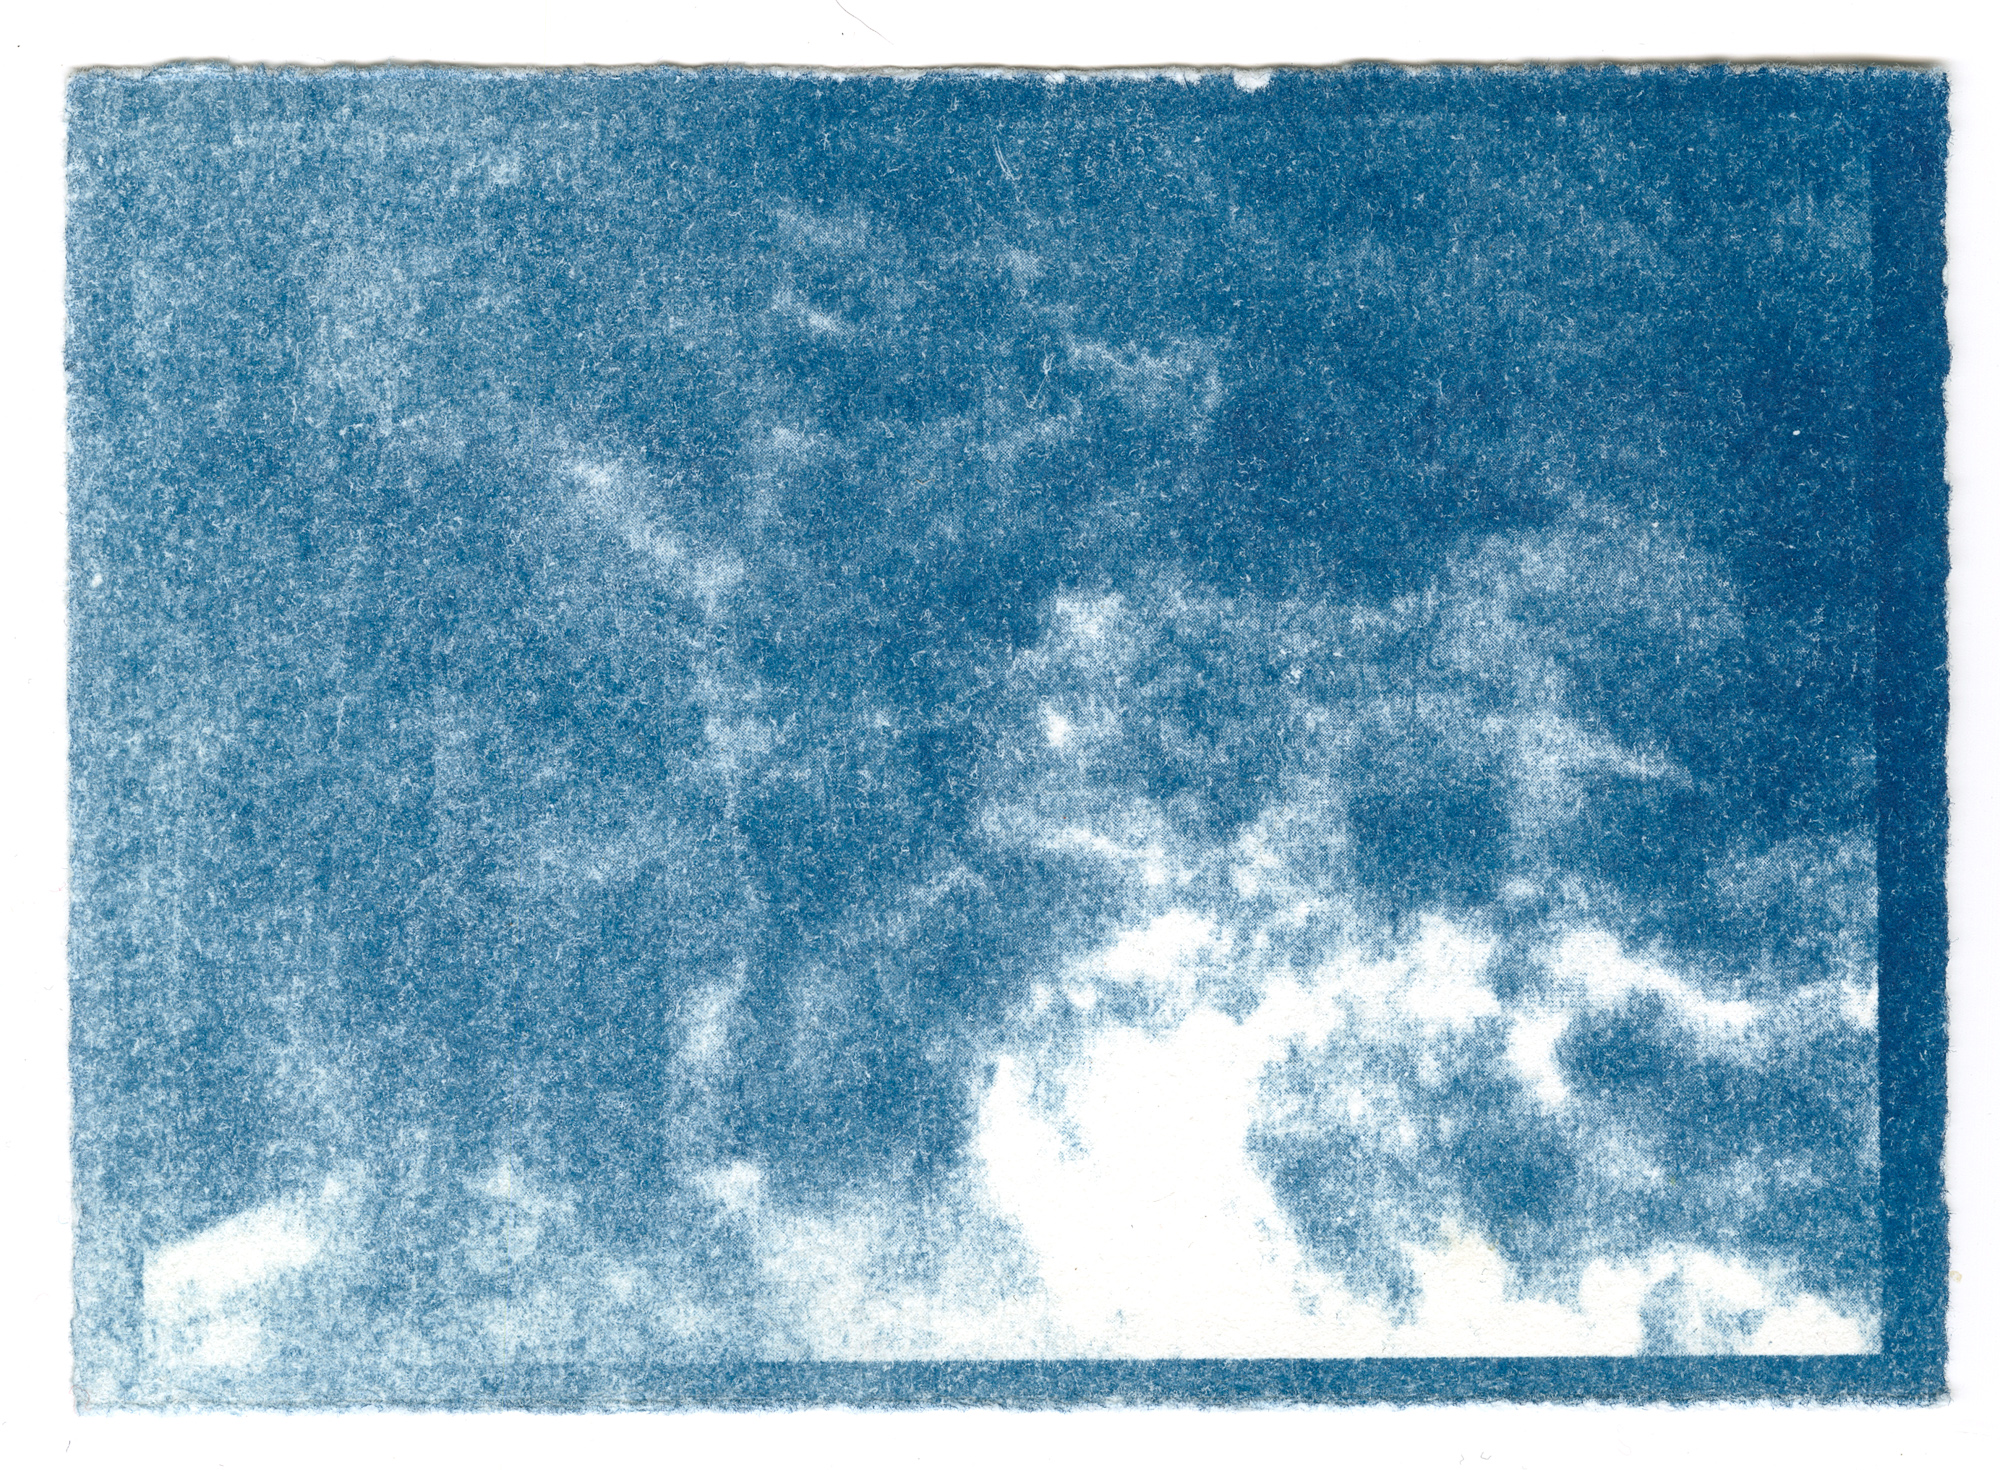 Sky 1 (8).jpg